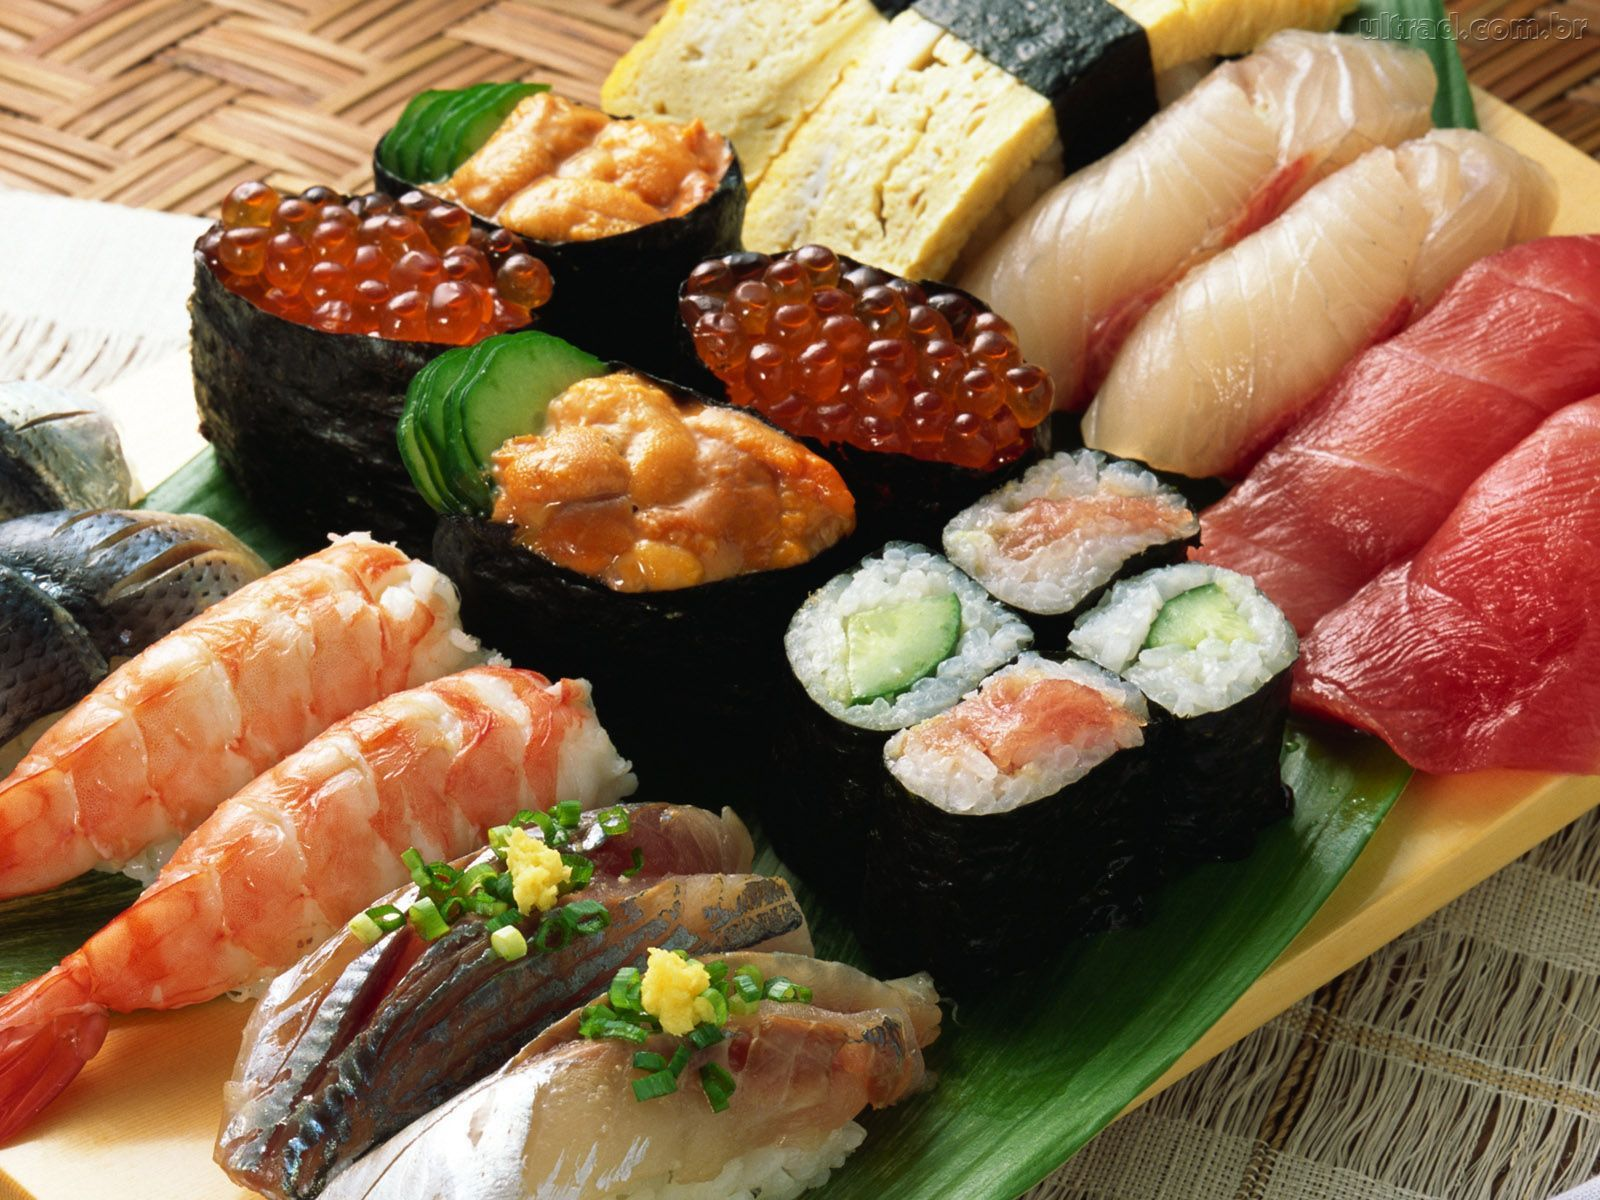 Excepcional fotos de comida japonesa com nomes - Pesquisa Google | COMIDA  XV29